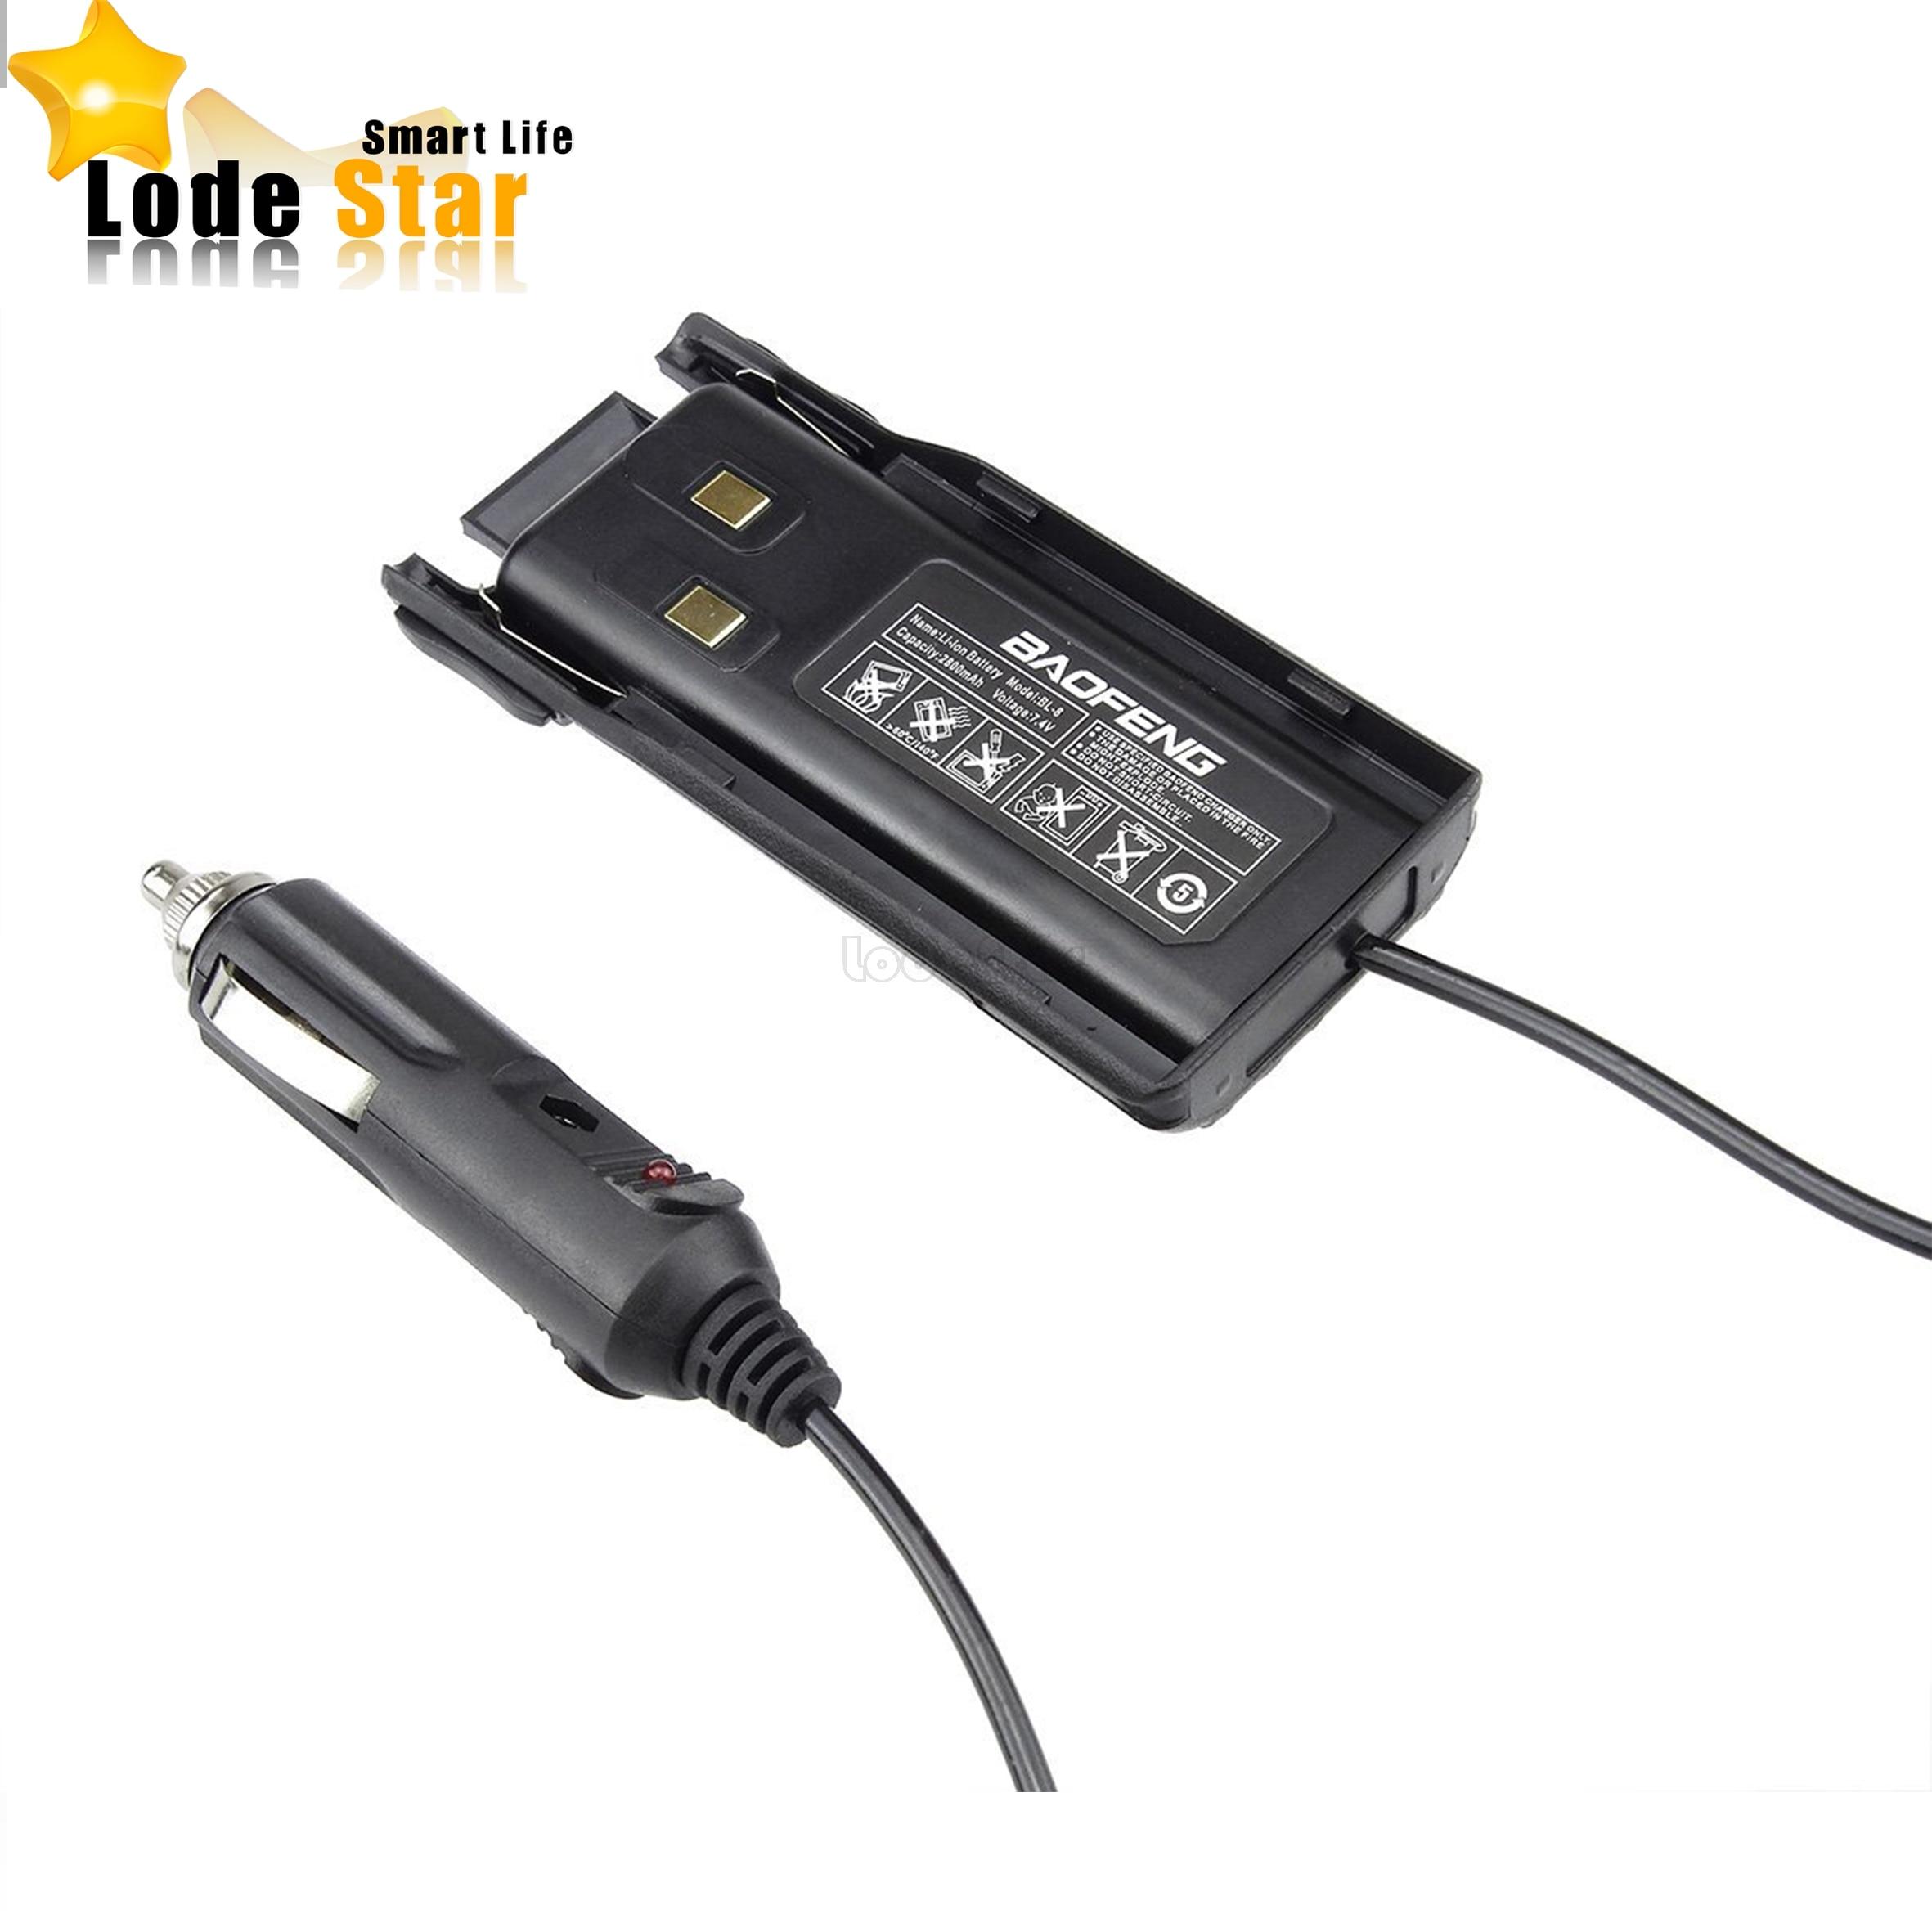 imágenes para Original baofeng uv-82 coche cargador de batería eliminator cargador de coche para la radio cb portátil uv 82 baofeng walkie talkie accesorios